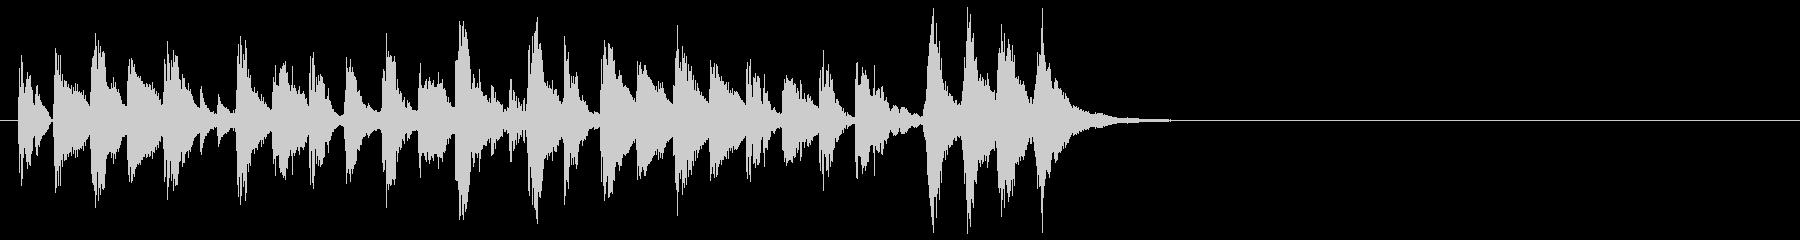 ラテン風のサウンドロゴ(最後のSEなし)の未再生の波形